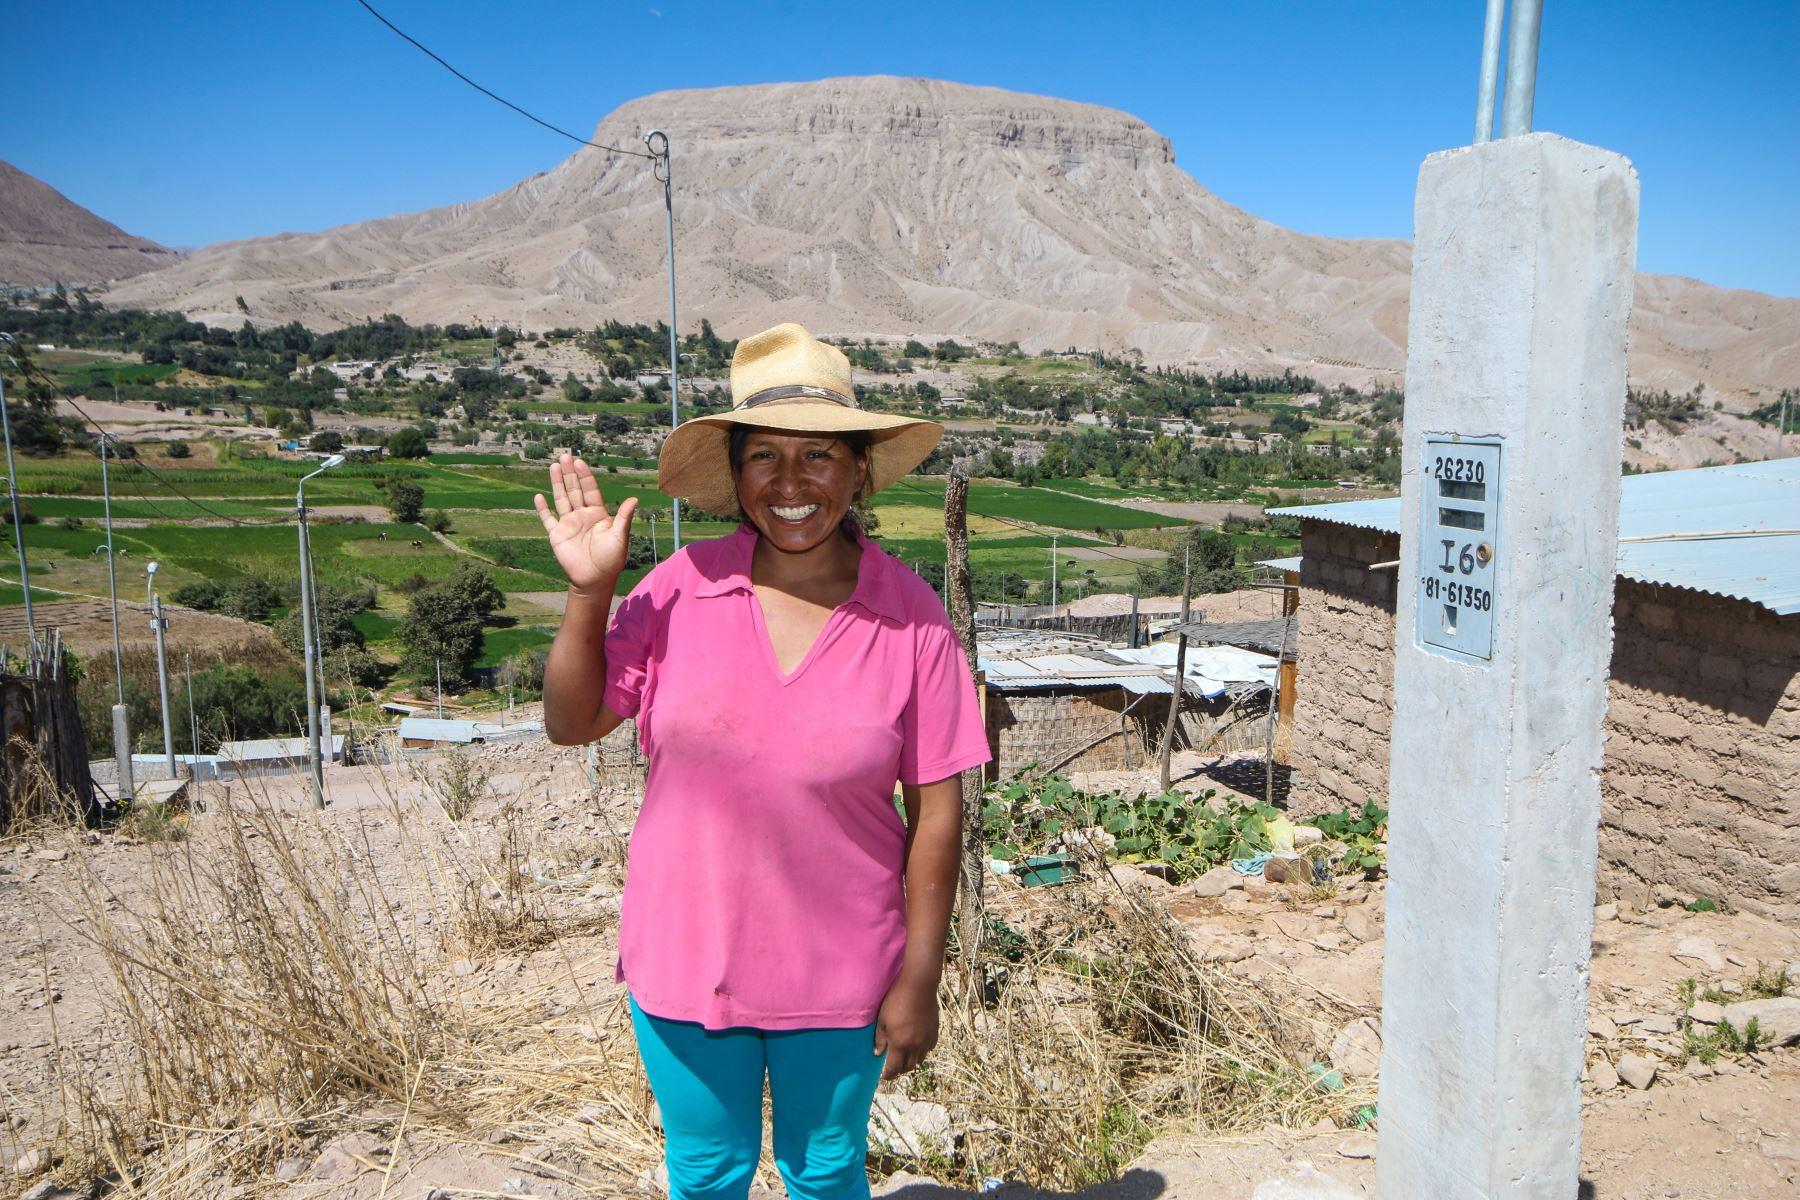 Ministerio de Energía y Minas transfiere recursos para ejecutar más proyectos de electrificación rural en las regiones de Tacna, Moquegua, San Martín y Cusco.